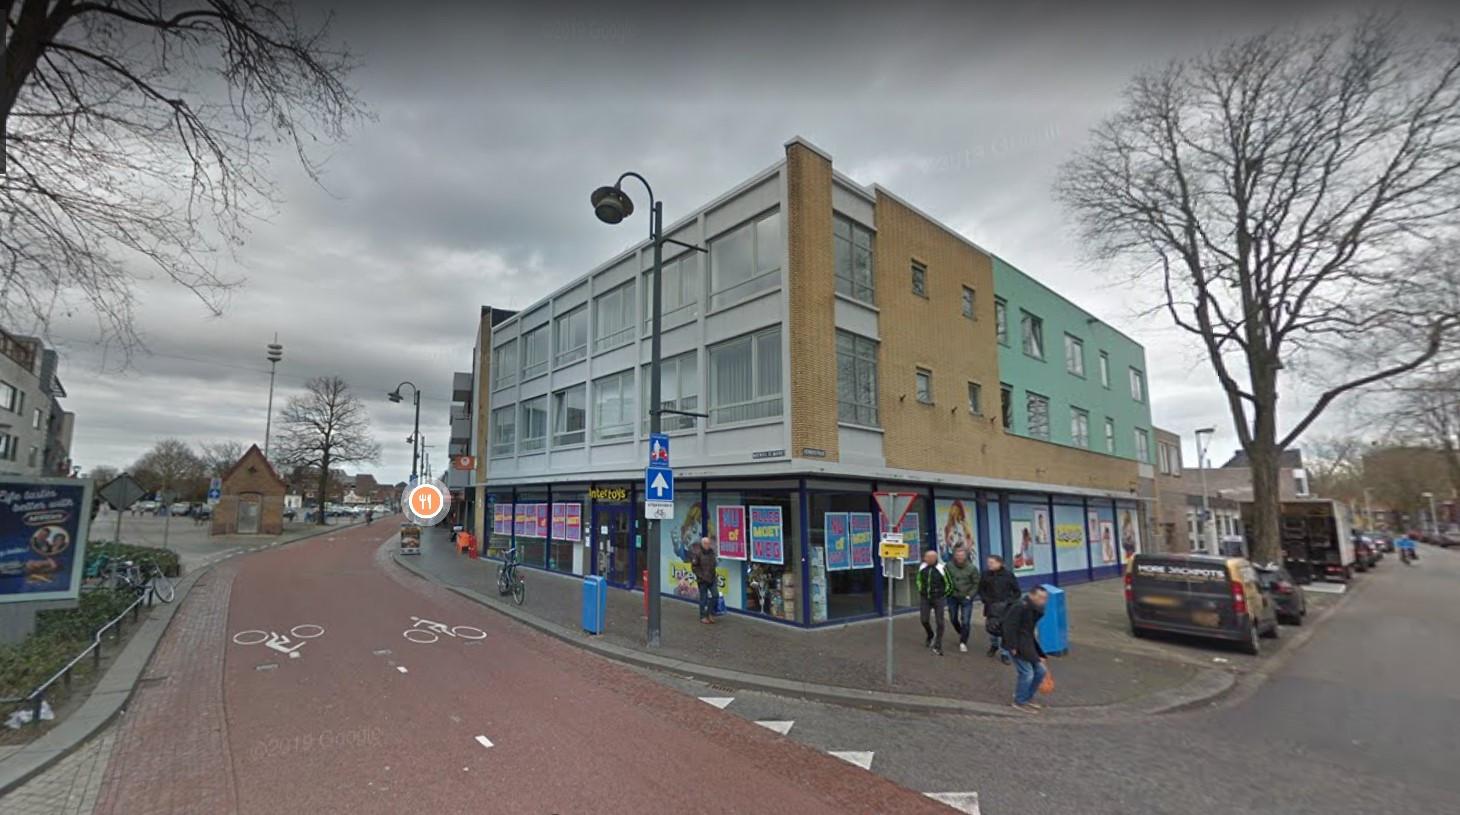 De voormalige Intertoys-speelgoedzaak aan de Woenselse Markt in Eindhoven wordt omgebouwd tot een mediterrane bakkerij. Initiatiefnemer is Elyamani Amhaouech uit Helmond.